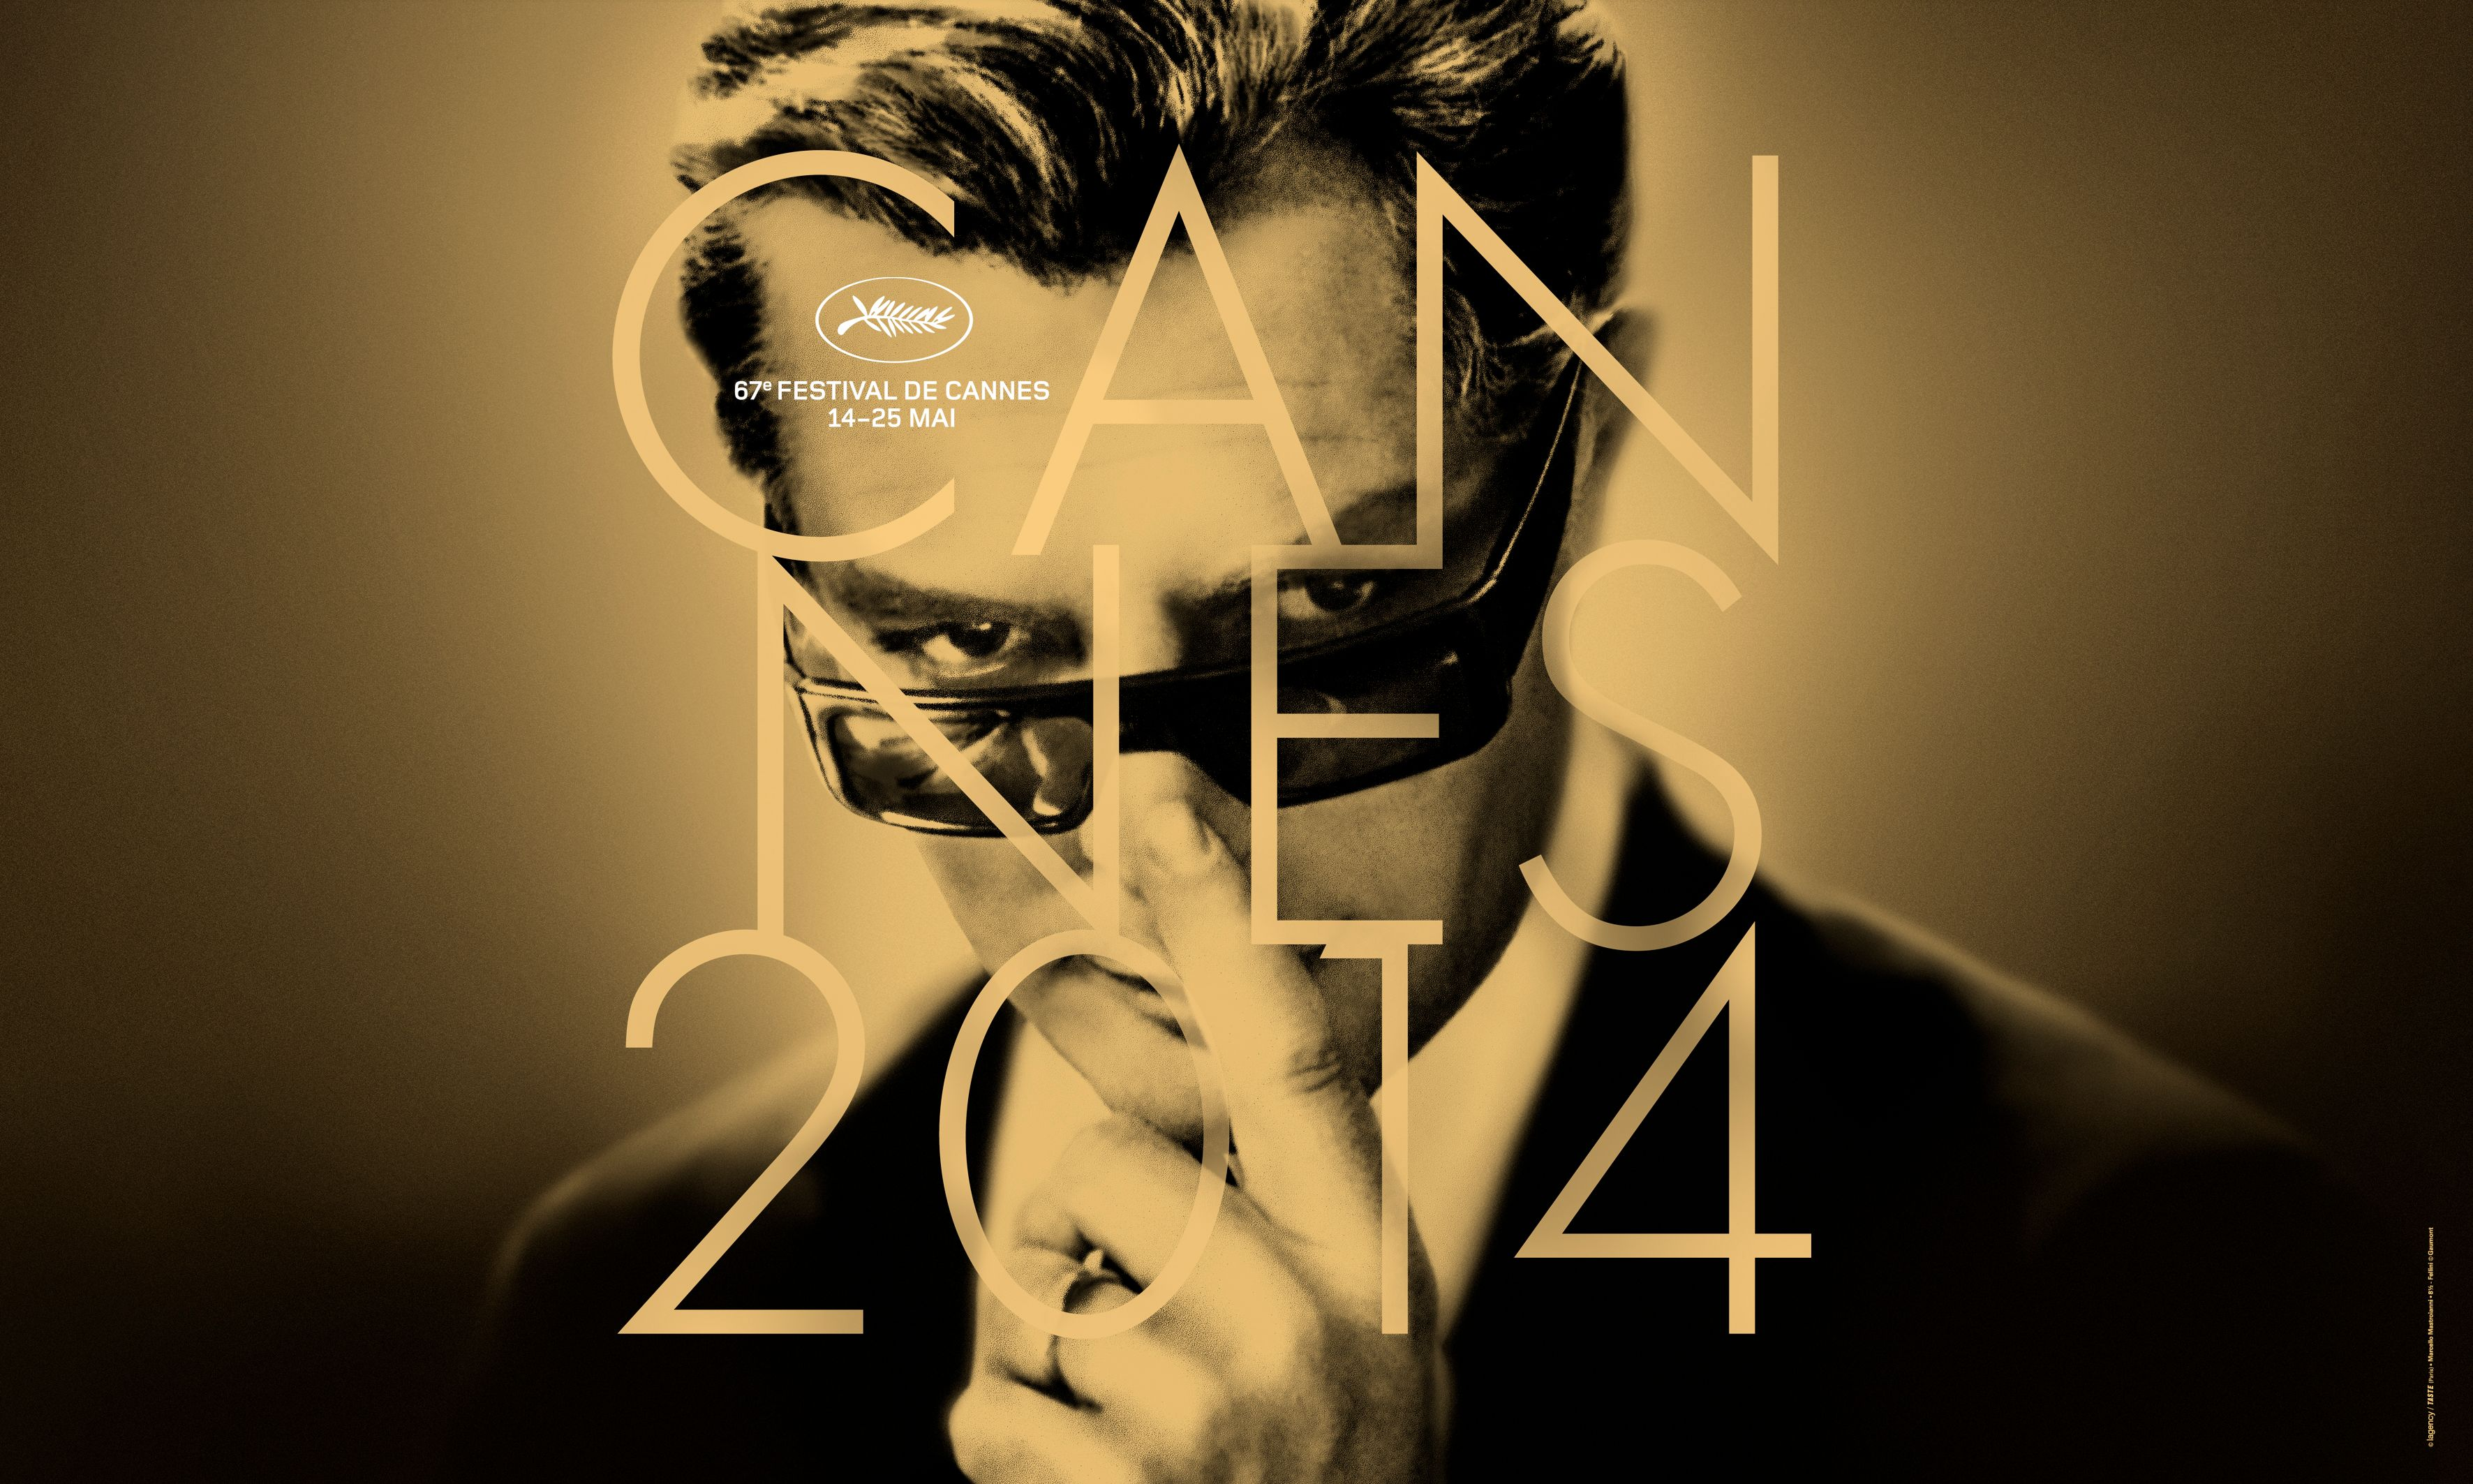 Festival de Cannes 2014 : la liste des films en compétition